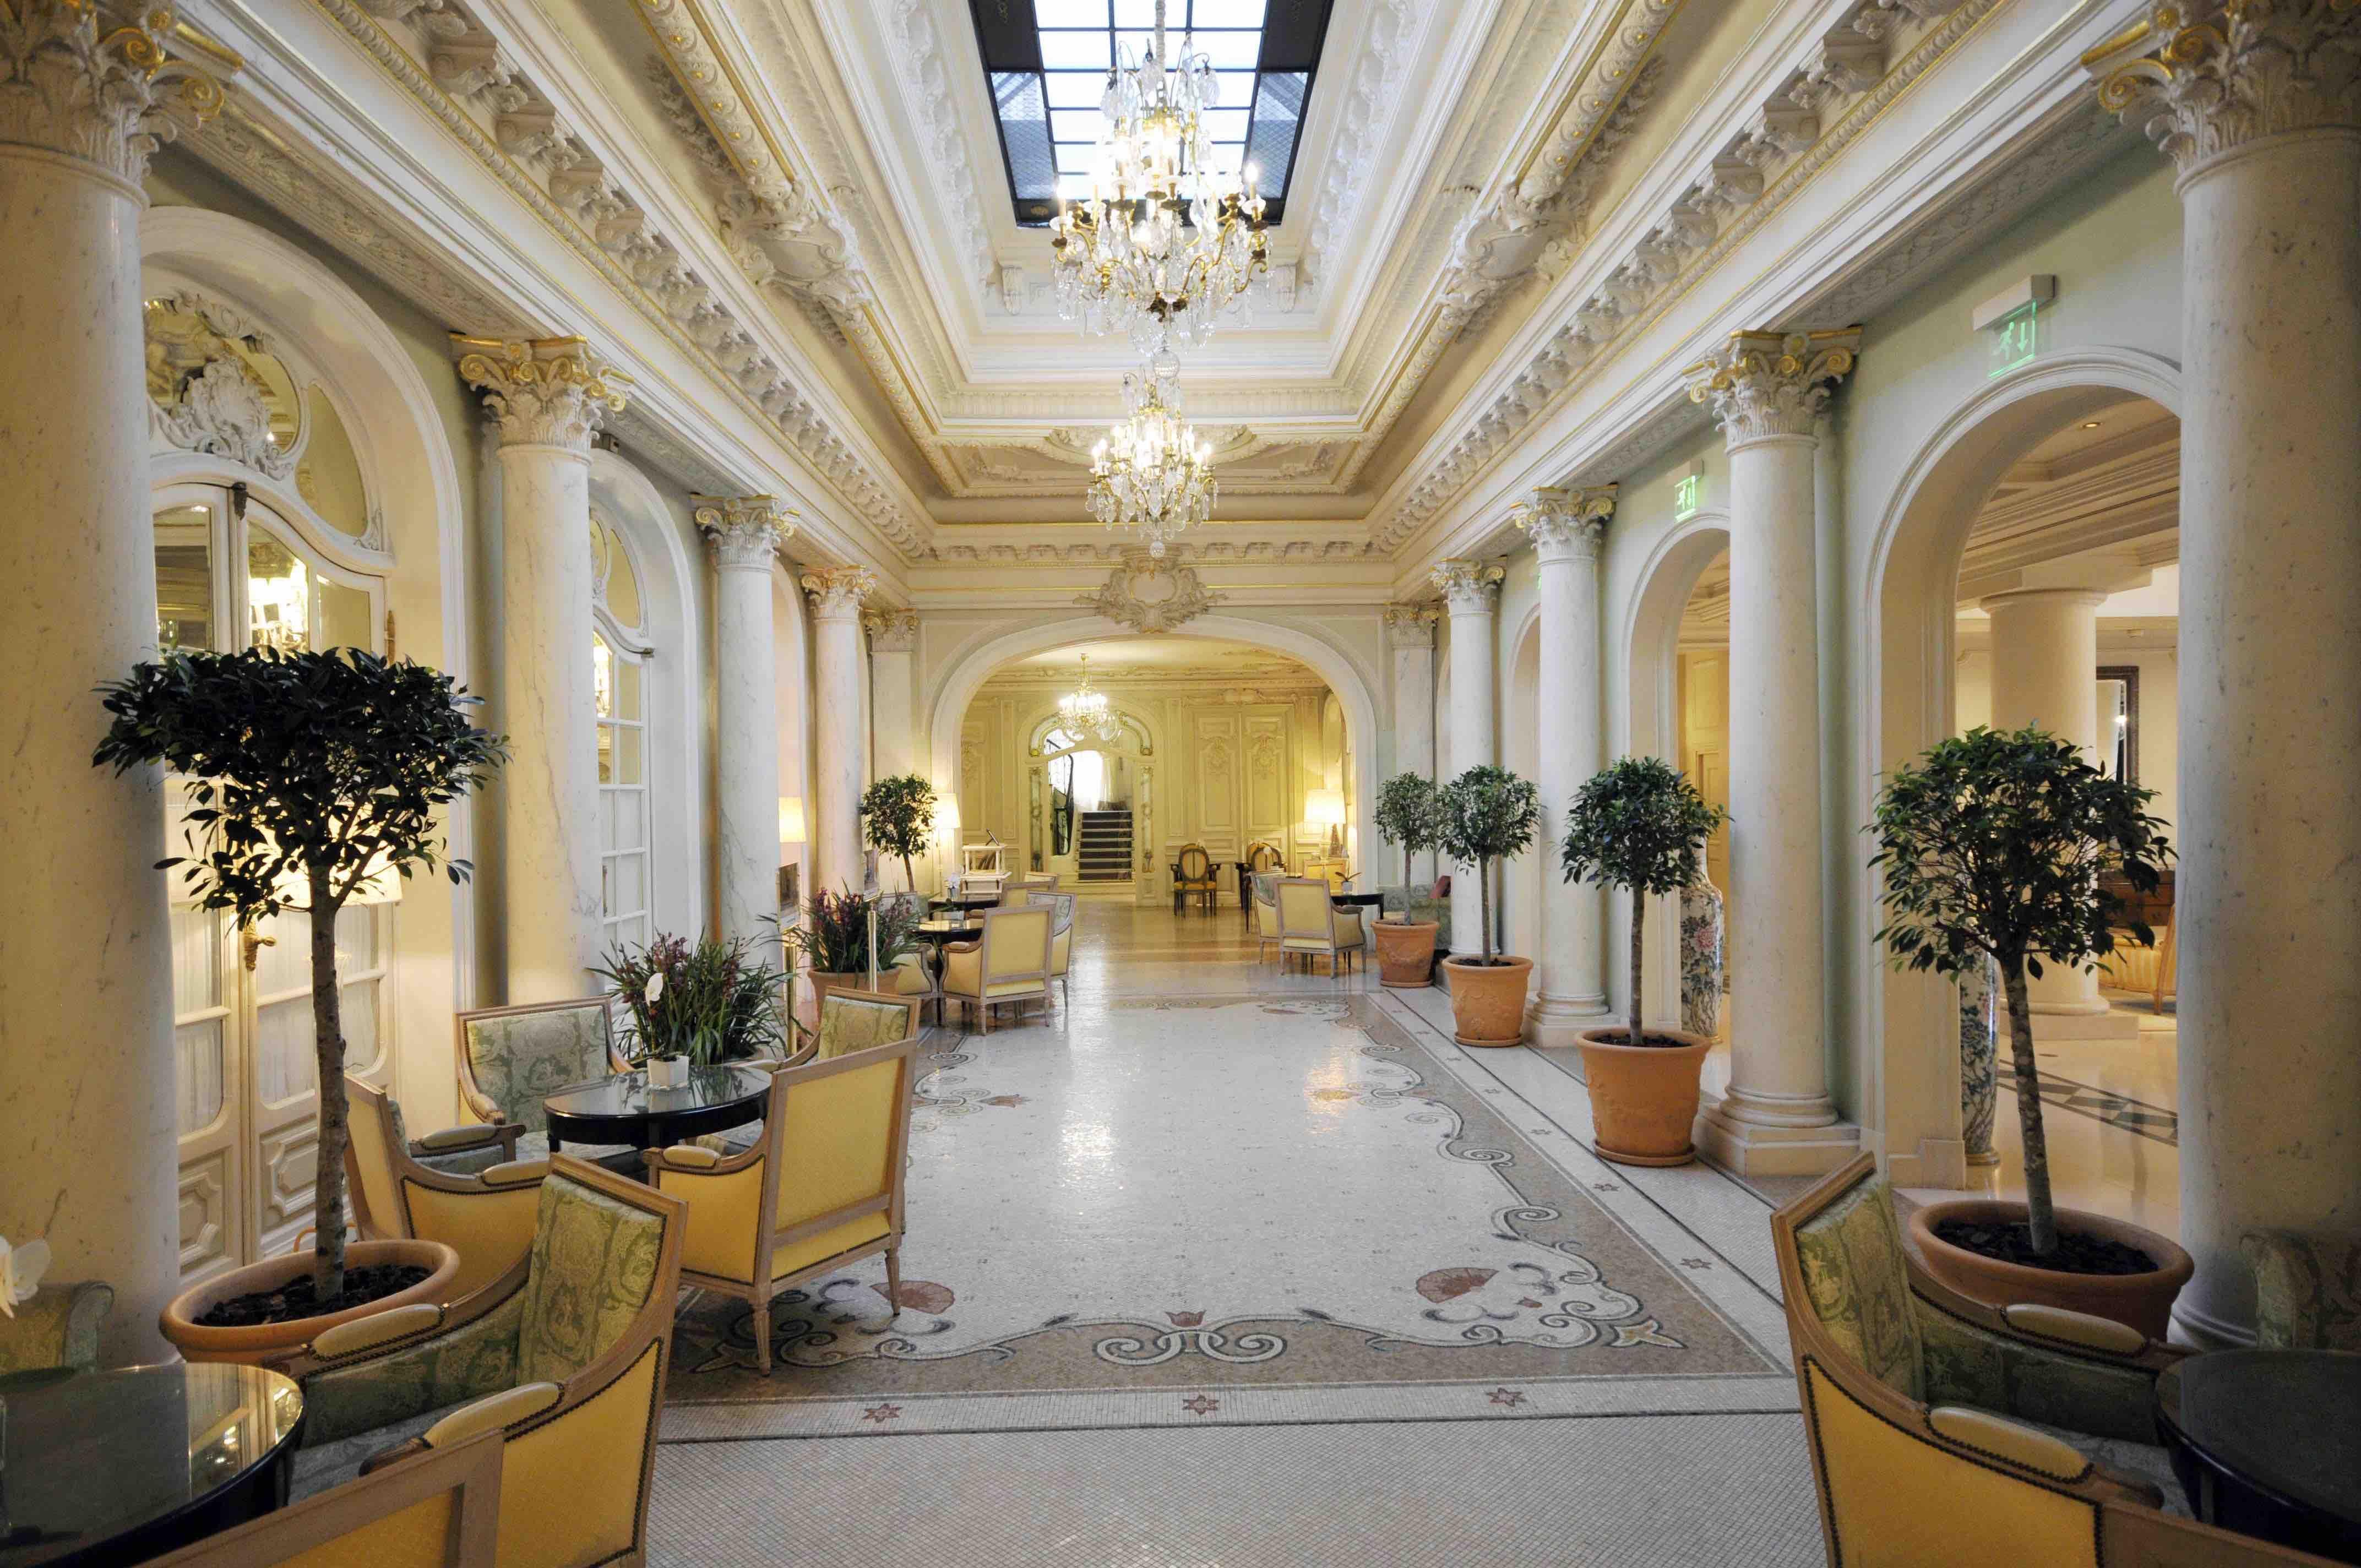 HOTEL HERMITAGE | architecture // interior design | Pinterest ...